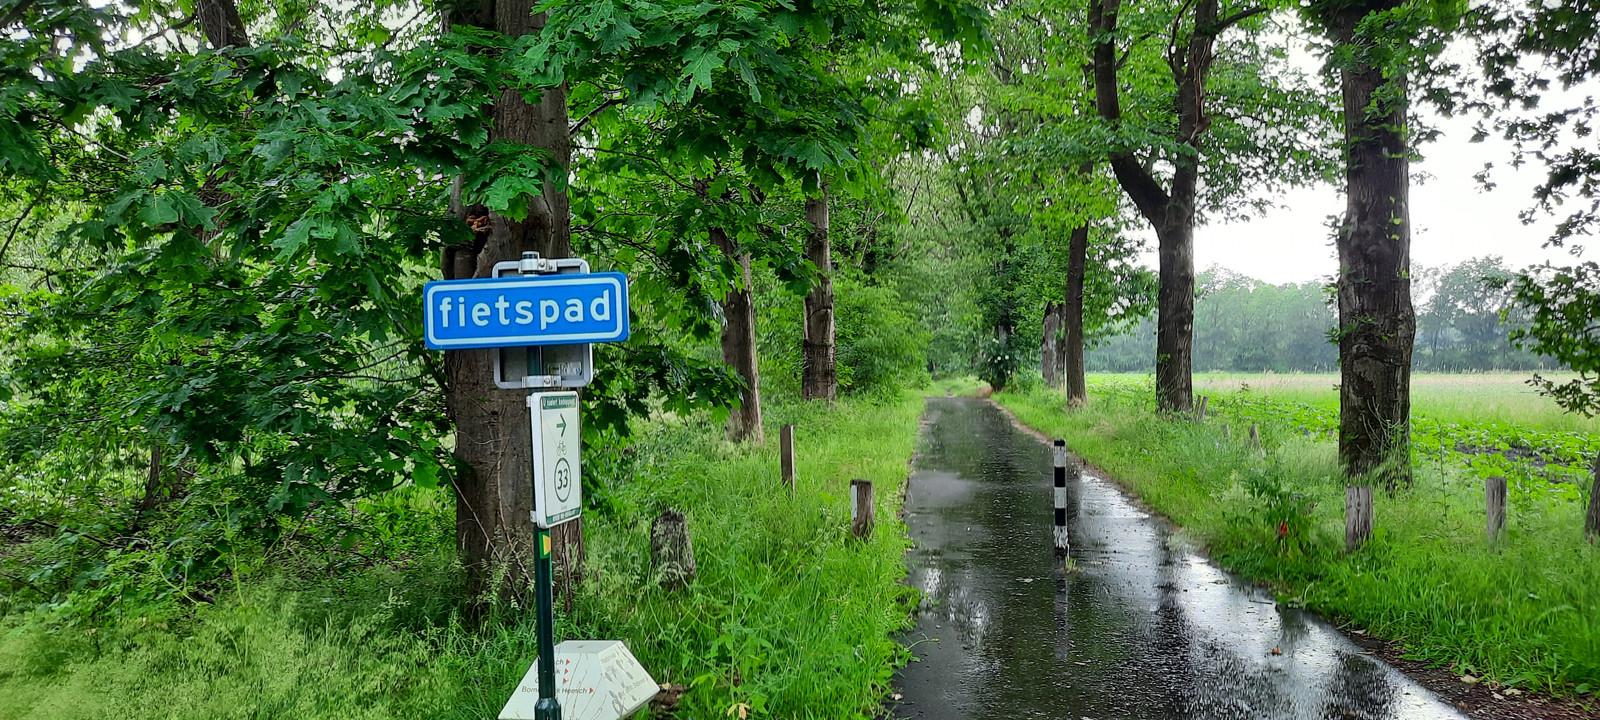 Een onverplicht fietspad in de Maashorst.